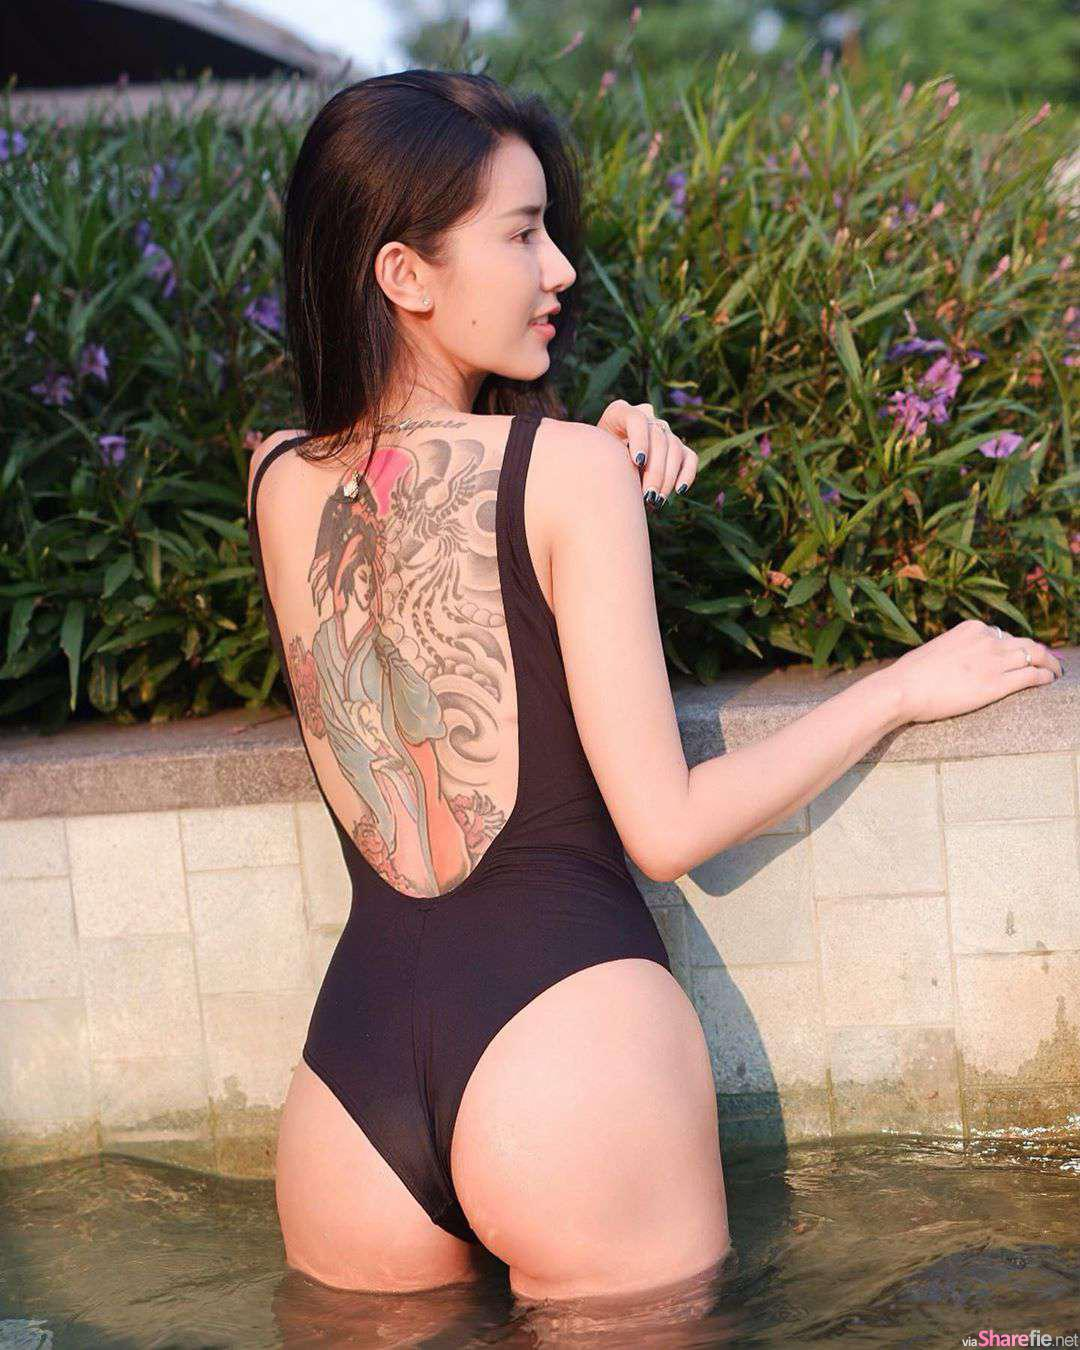 泰国正妹Jaoying,火辣身材辣眼睛